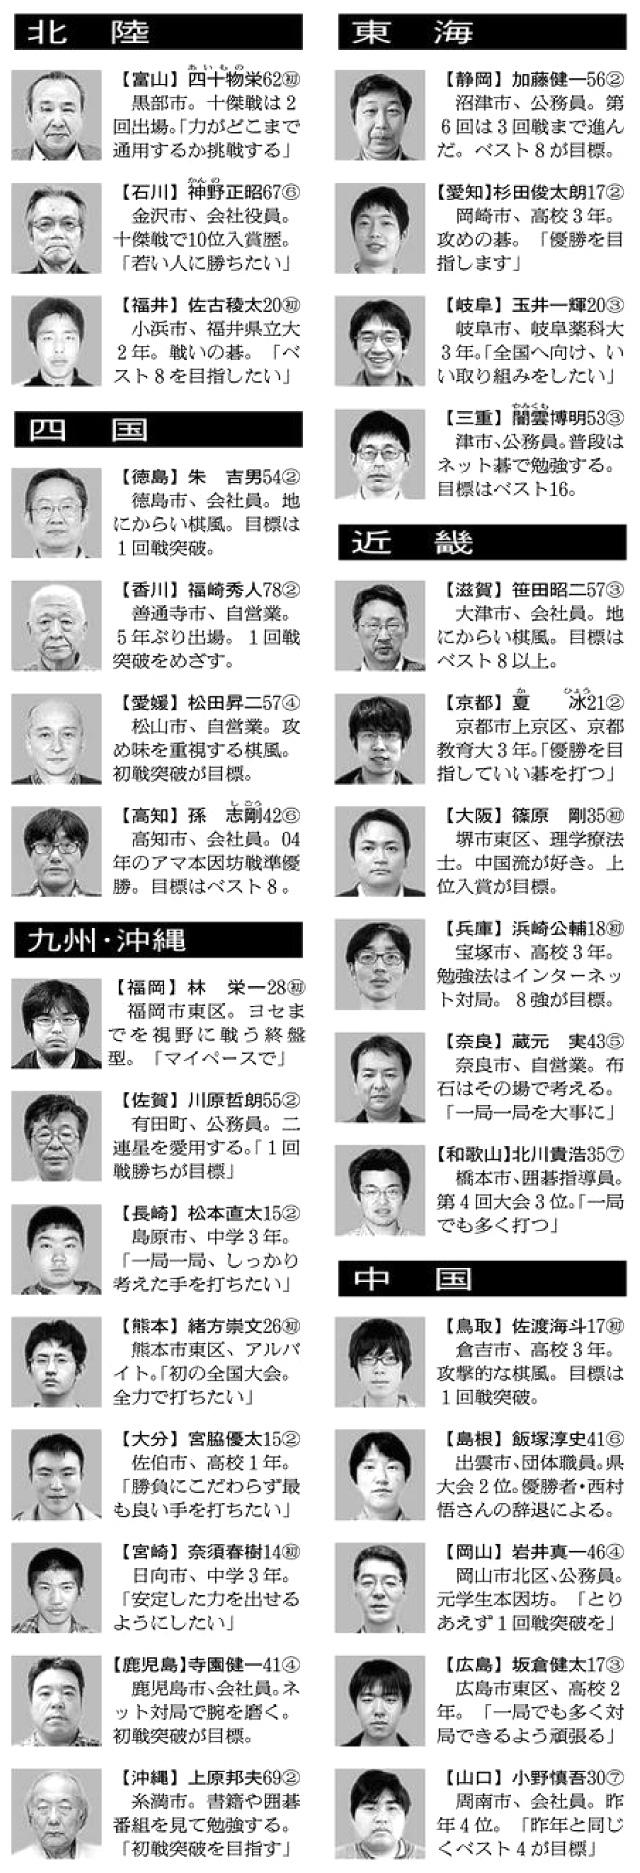 第9回朝日アマ囲碁名人戦全国大会 出場選手一覧